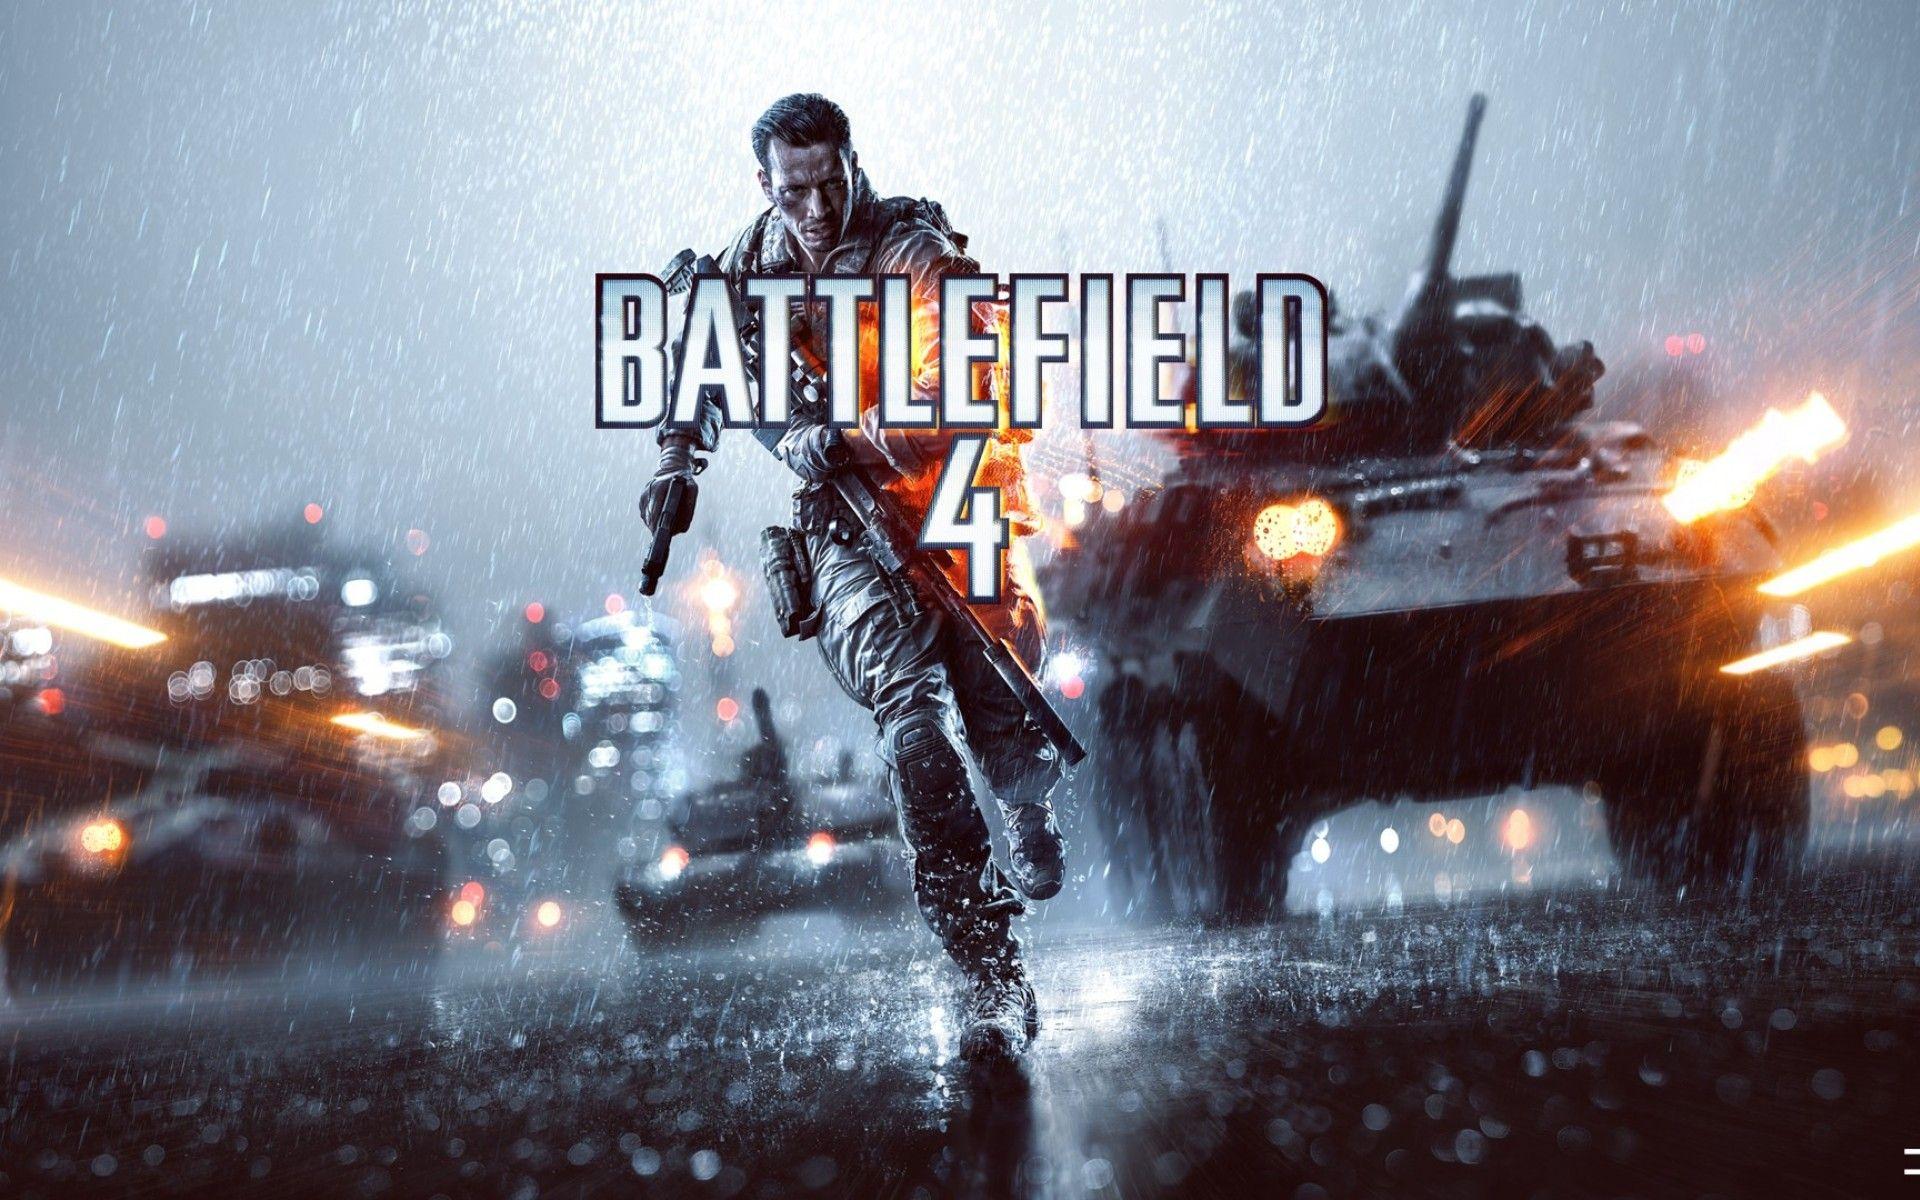 Battlefield 4 HD Wallpaper 1   Apnatimepasscom 1920x1200